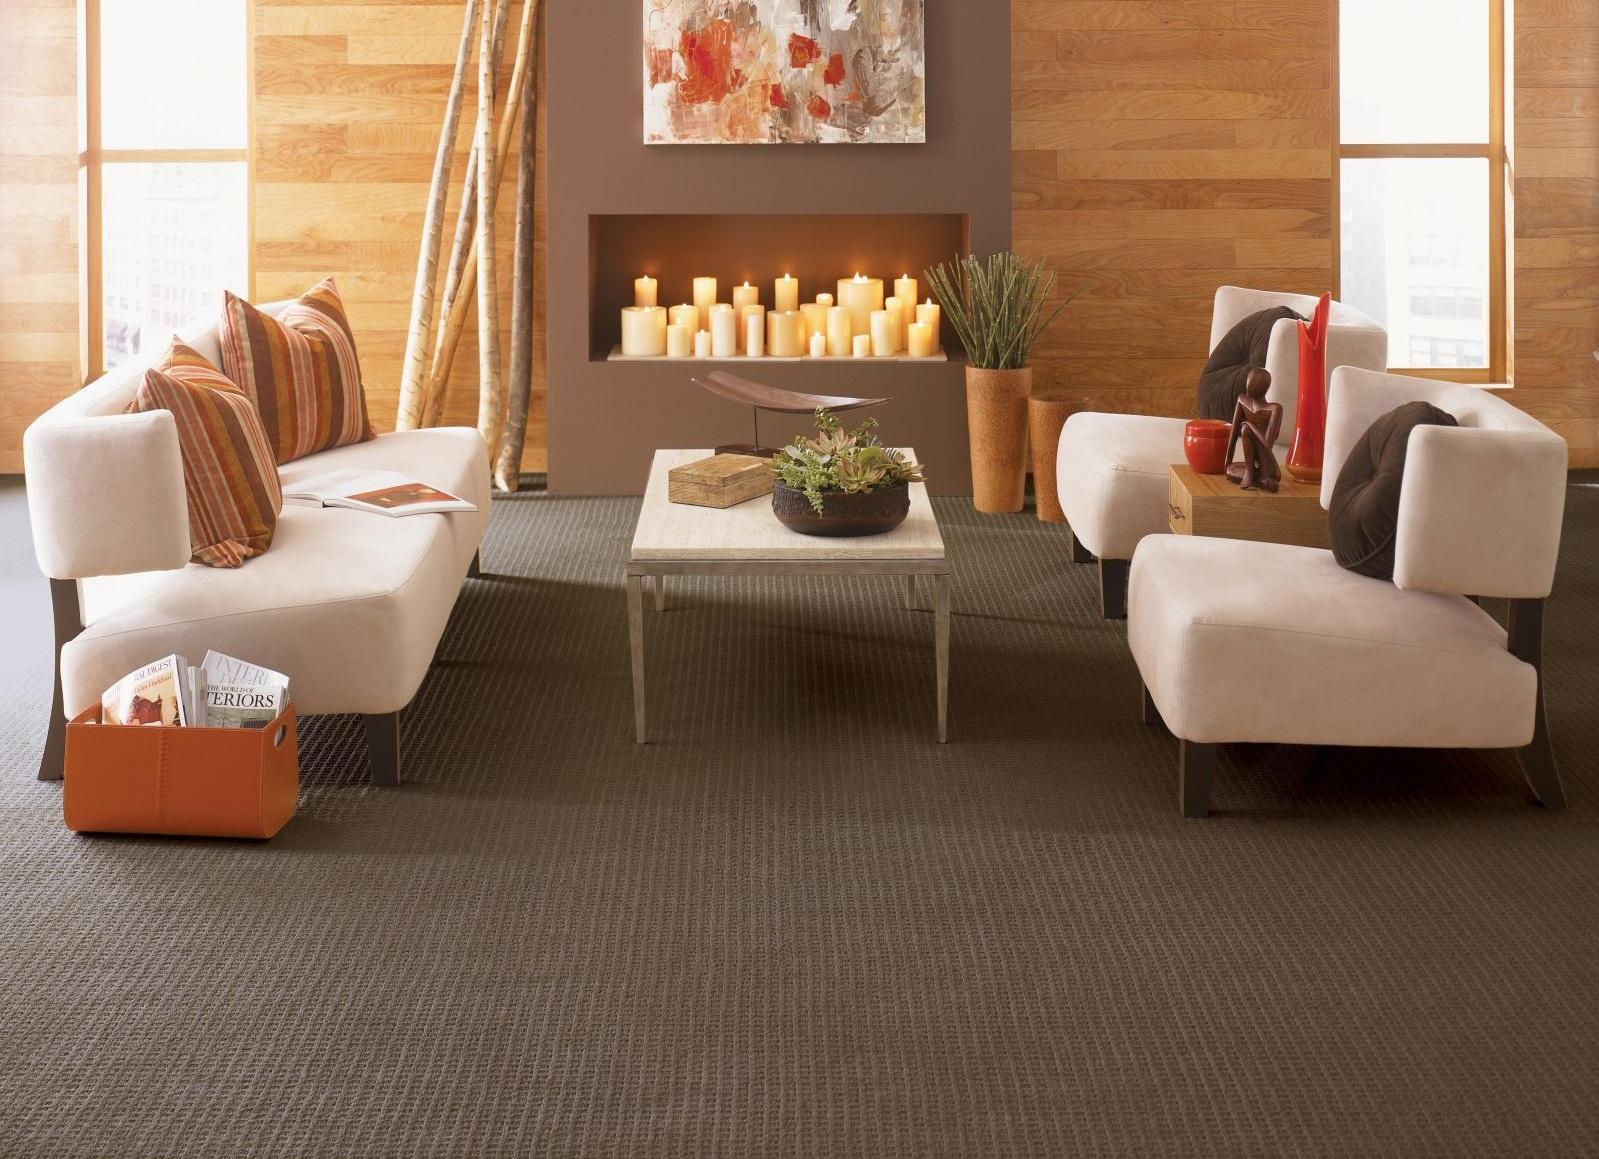 Tiện nghi và thời trang hơn với thảm trải sàn dạng tấm